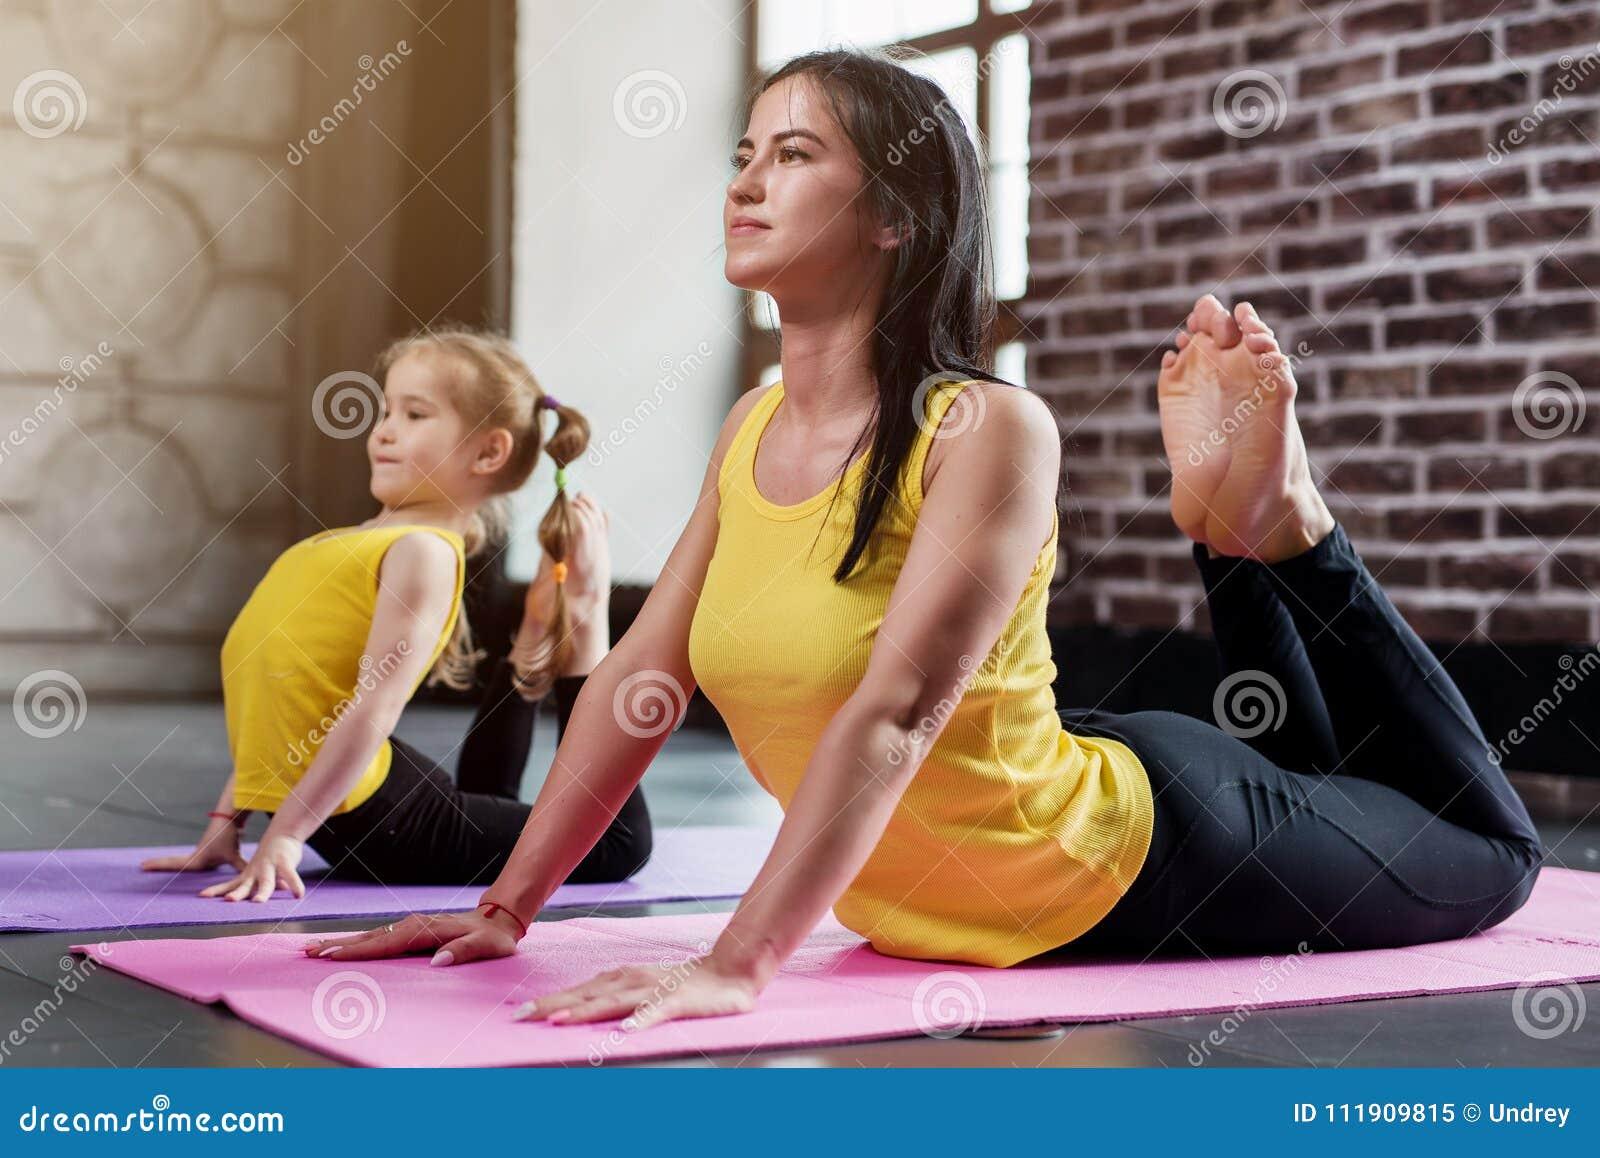 La madre joven y su la hija que llevan la misma ropa de deportes que hace la cobra real presentan durante el entrenamiento de la